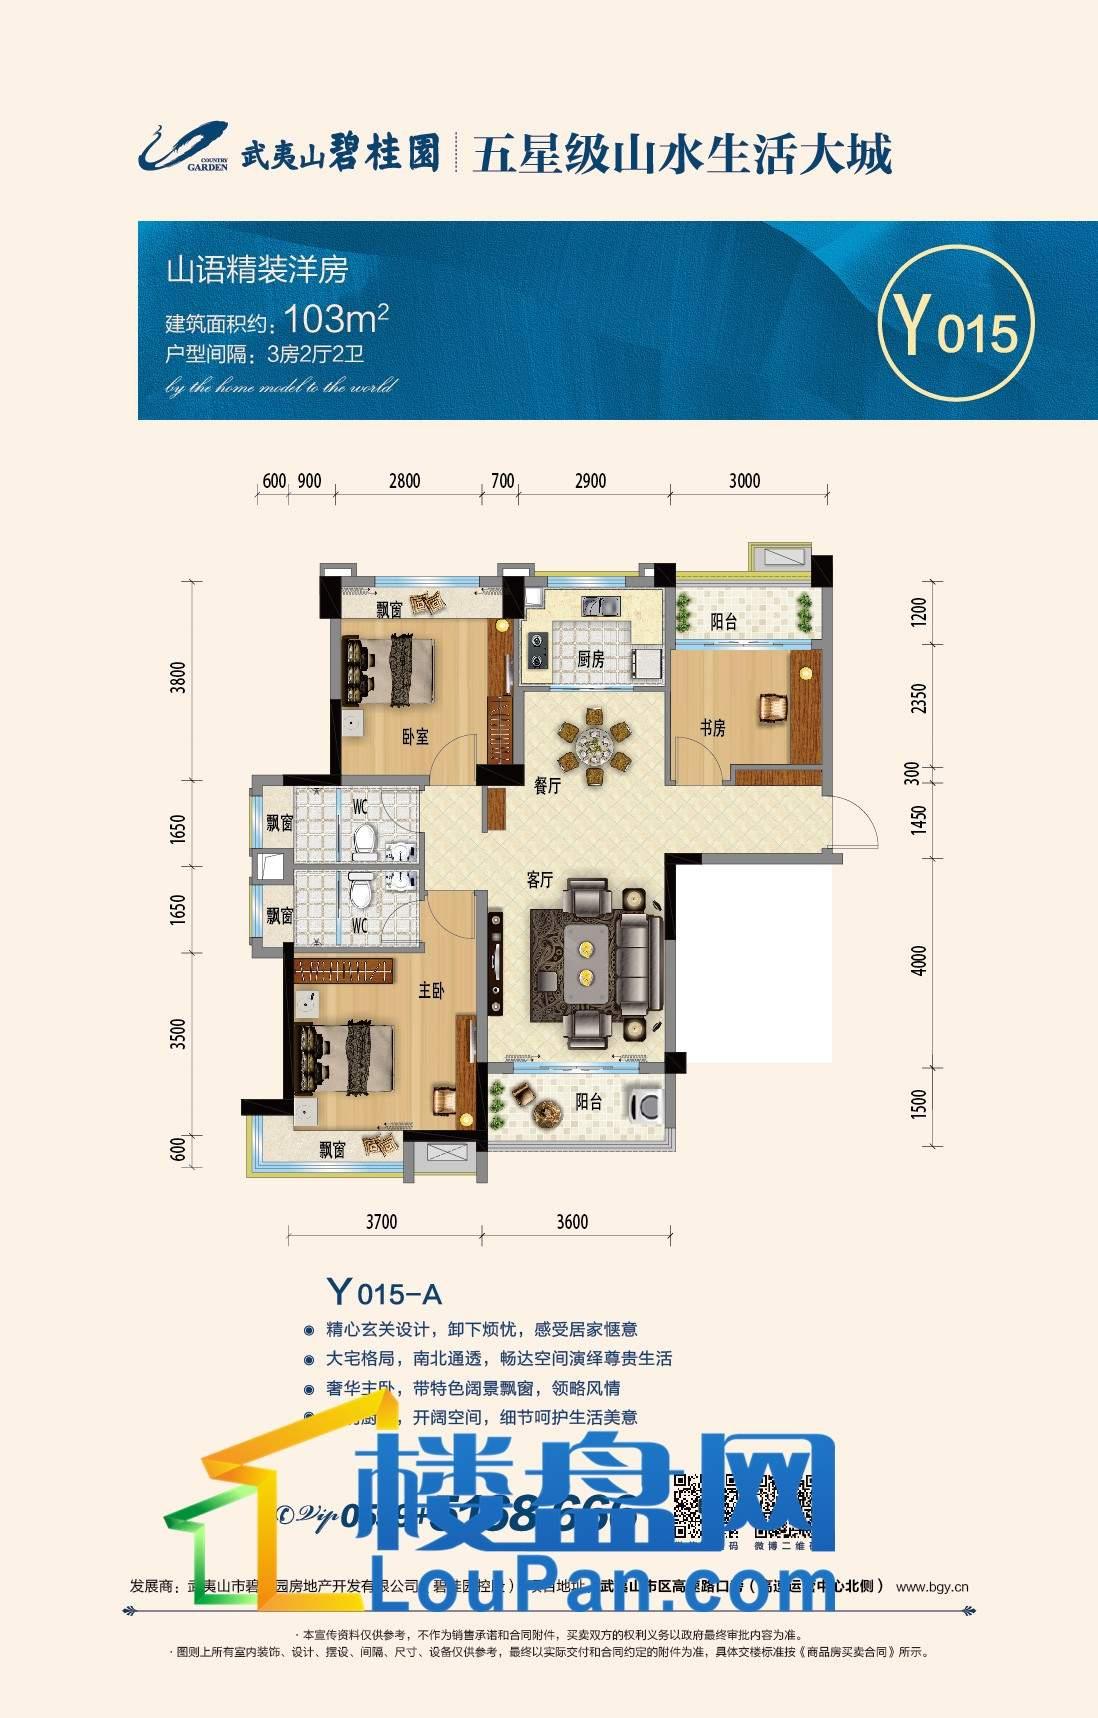 山语精装洋房Y015-A